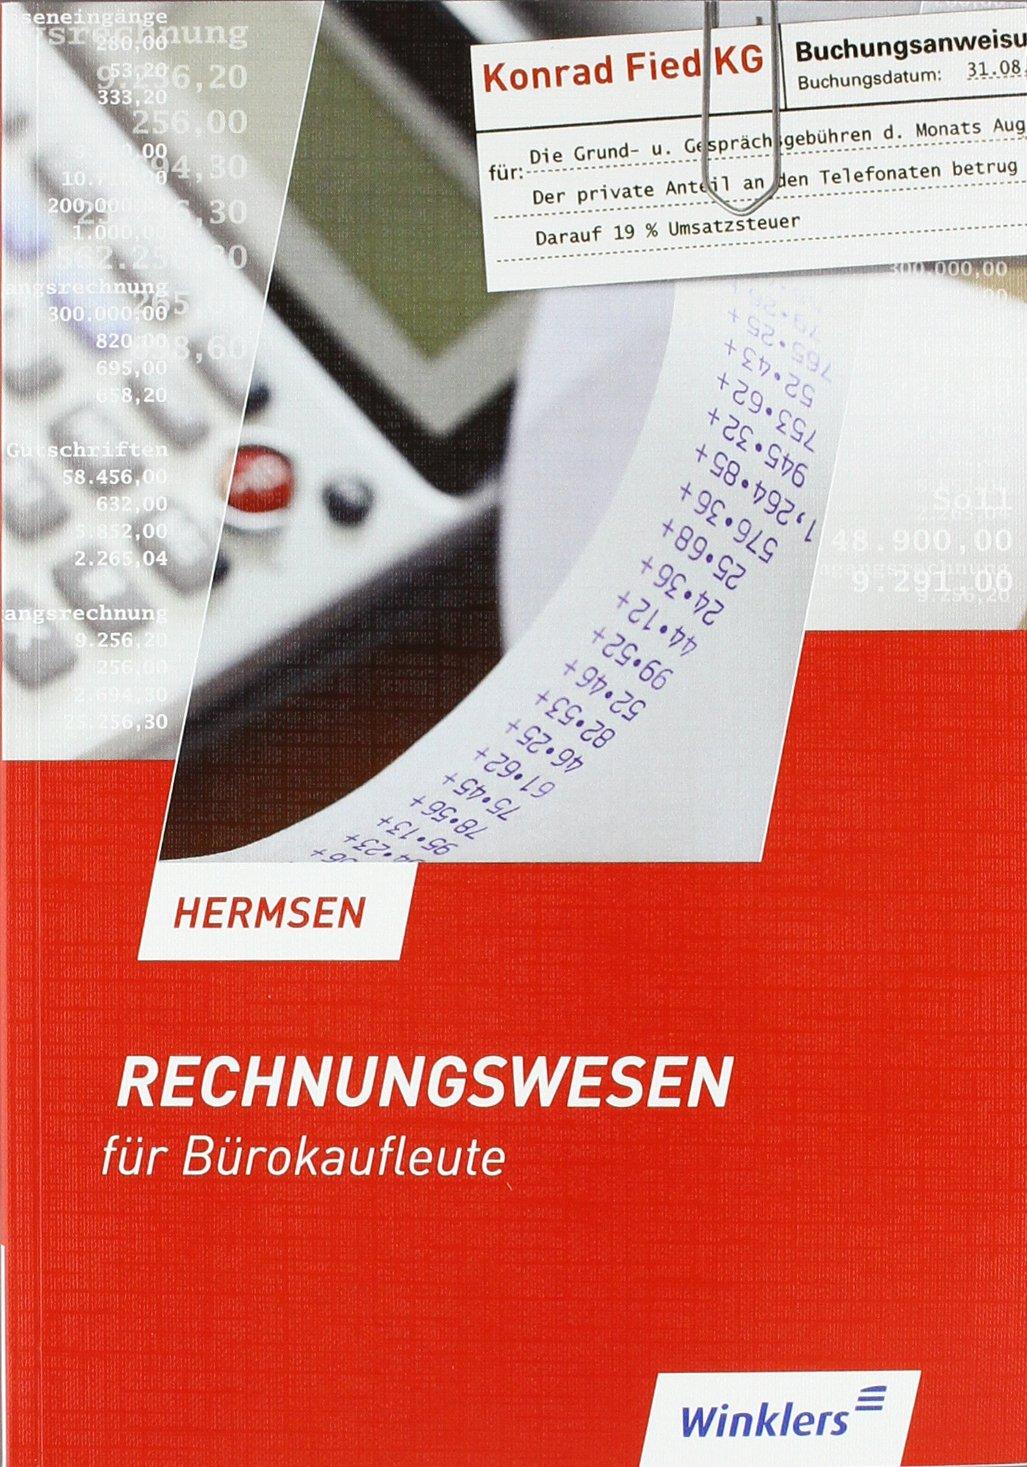 Rechnungswesen für Bürokaufleute Taschenbuch – Juli 2007 Jürgen Hermsen Winklers Verlag 3804566898 Berufsschulbücher